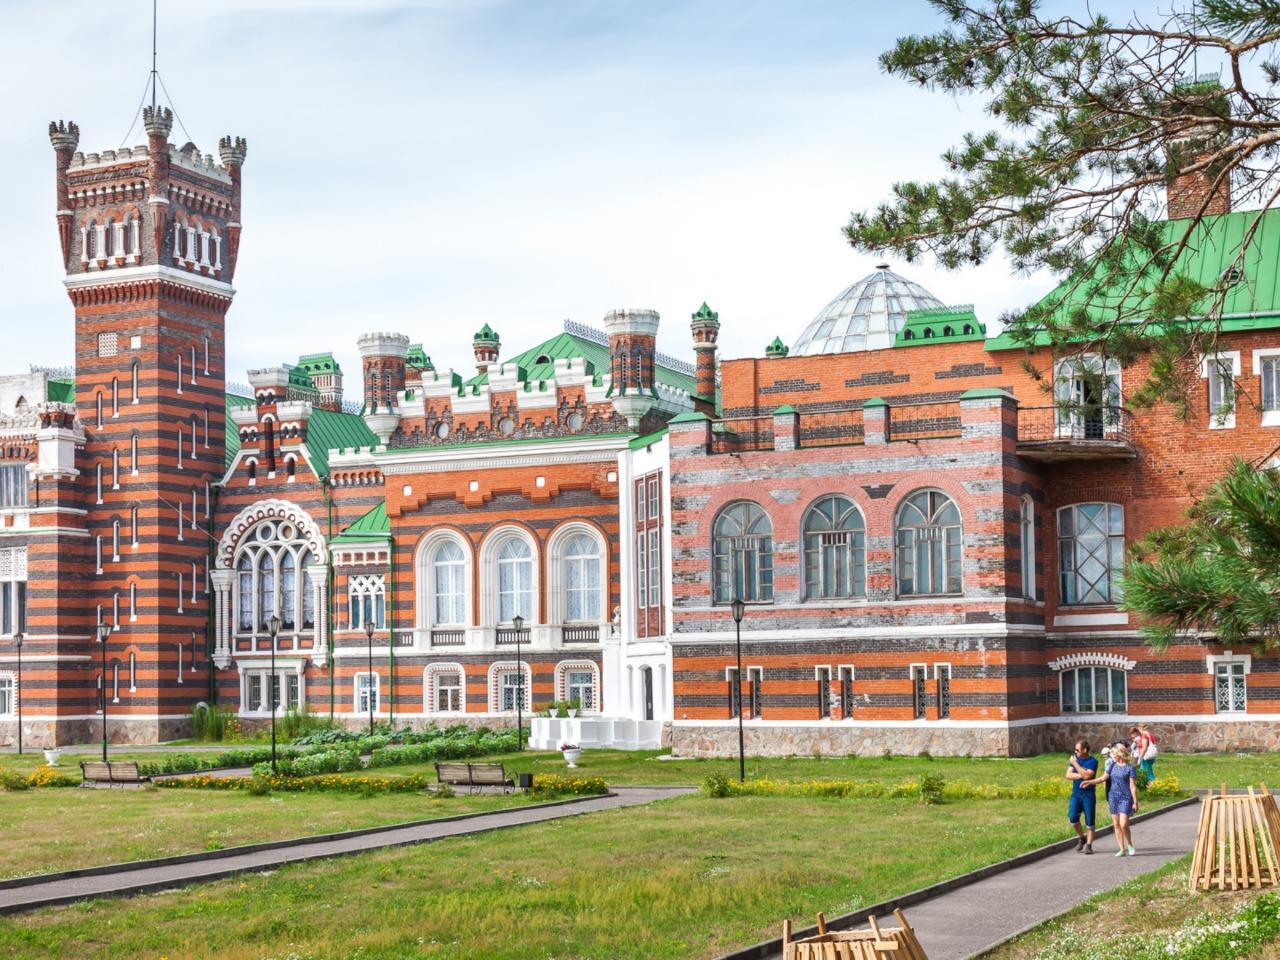 Шереметевский замок + озеро Светлояр - групповая экскурсия по Нижнему Новгороду от опытного гида